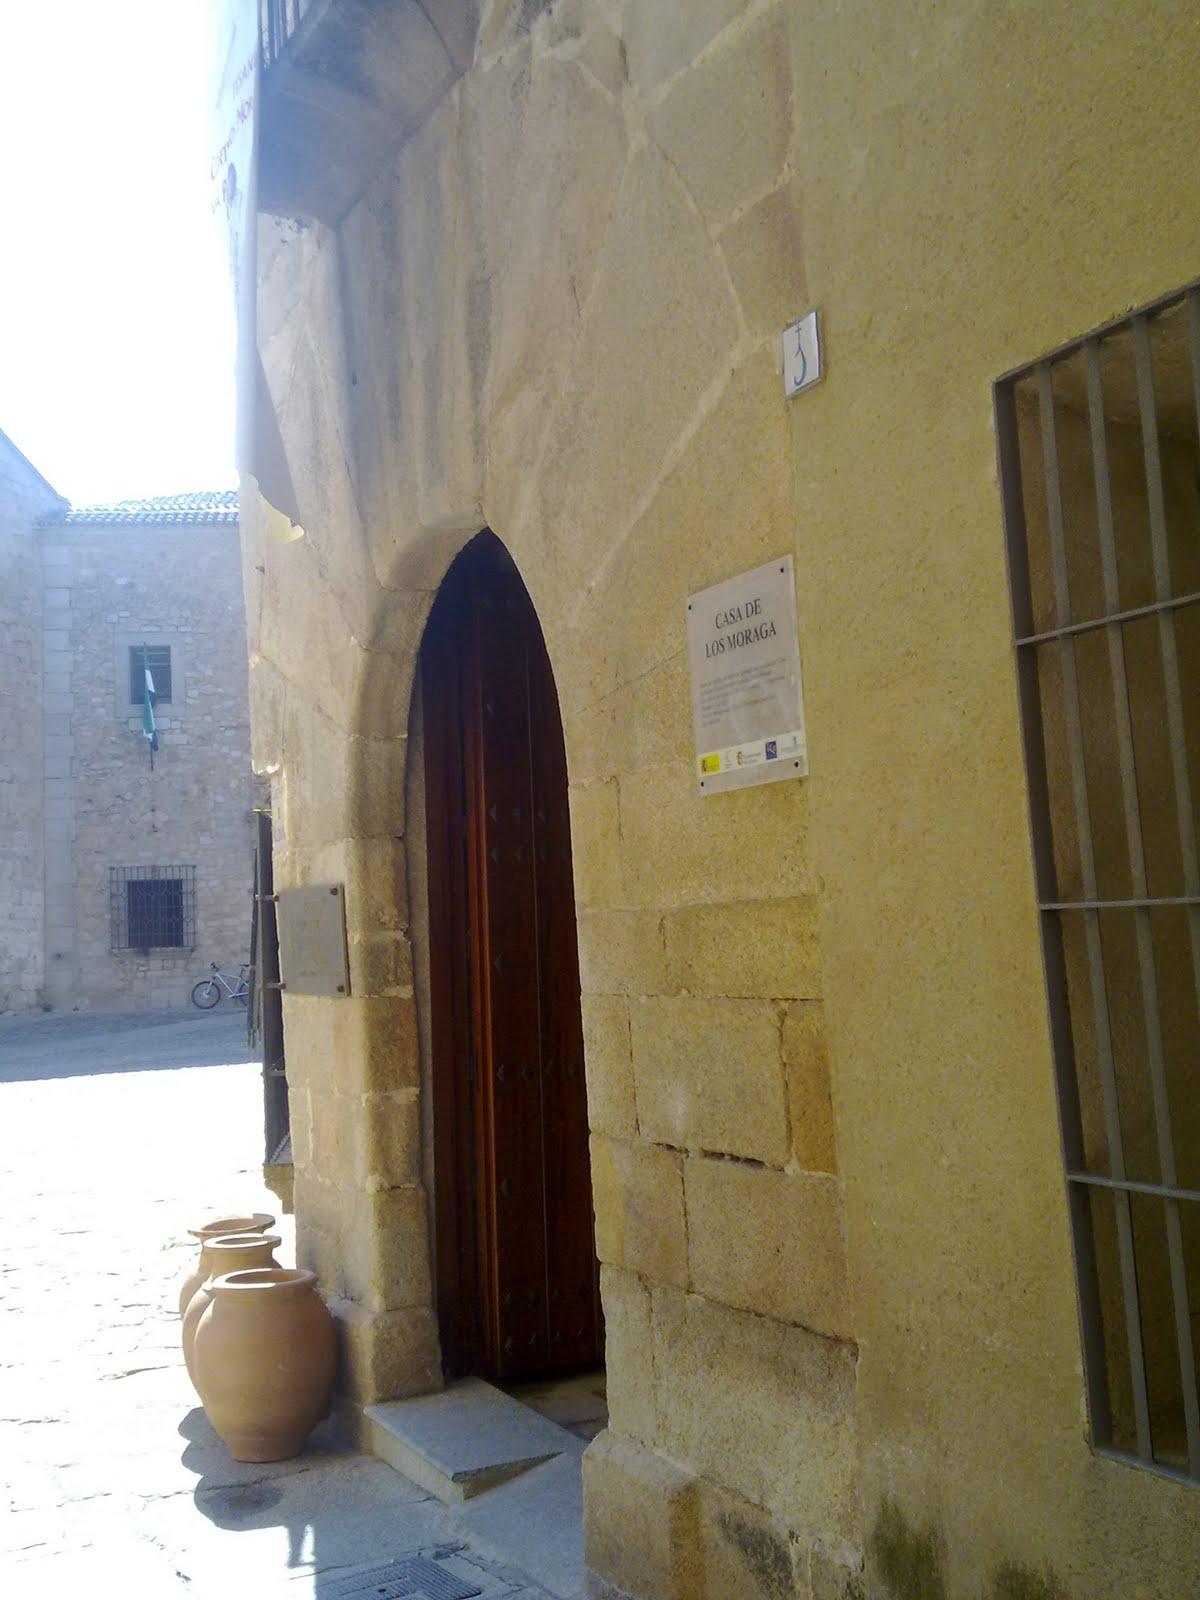 Turismo en Cáceres: Casa de los Moraga, Centro Provincial de Artesanía